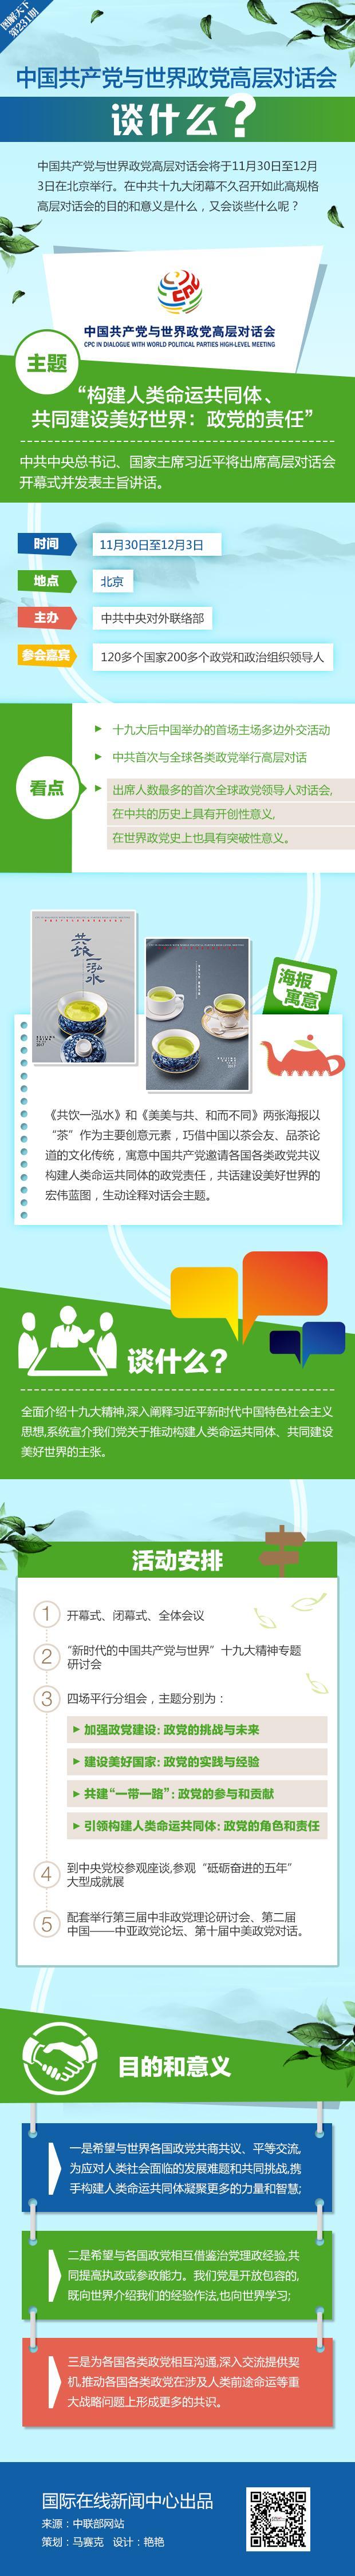 图解:中国共产党与世界政党高层对话会谈什么?